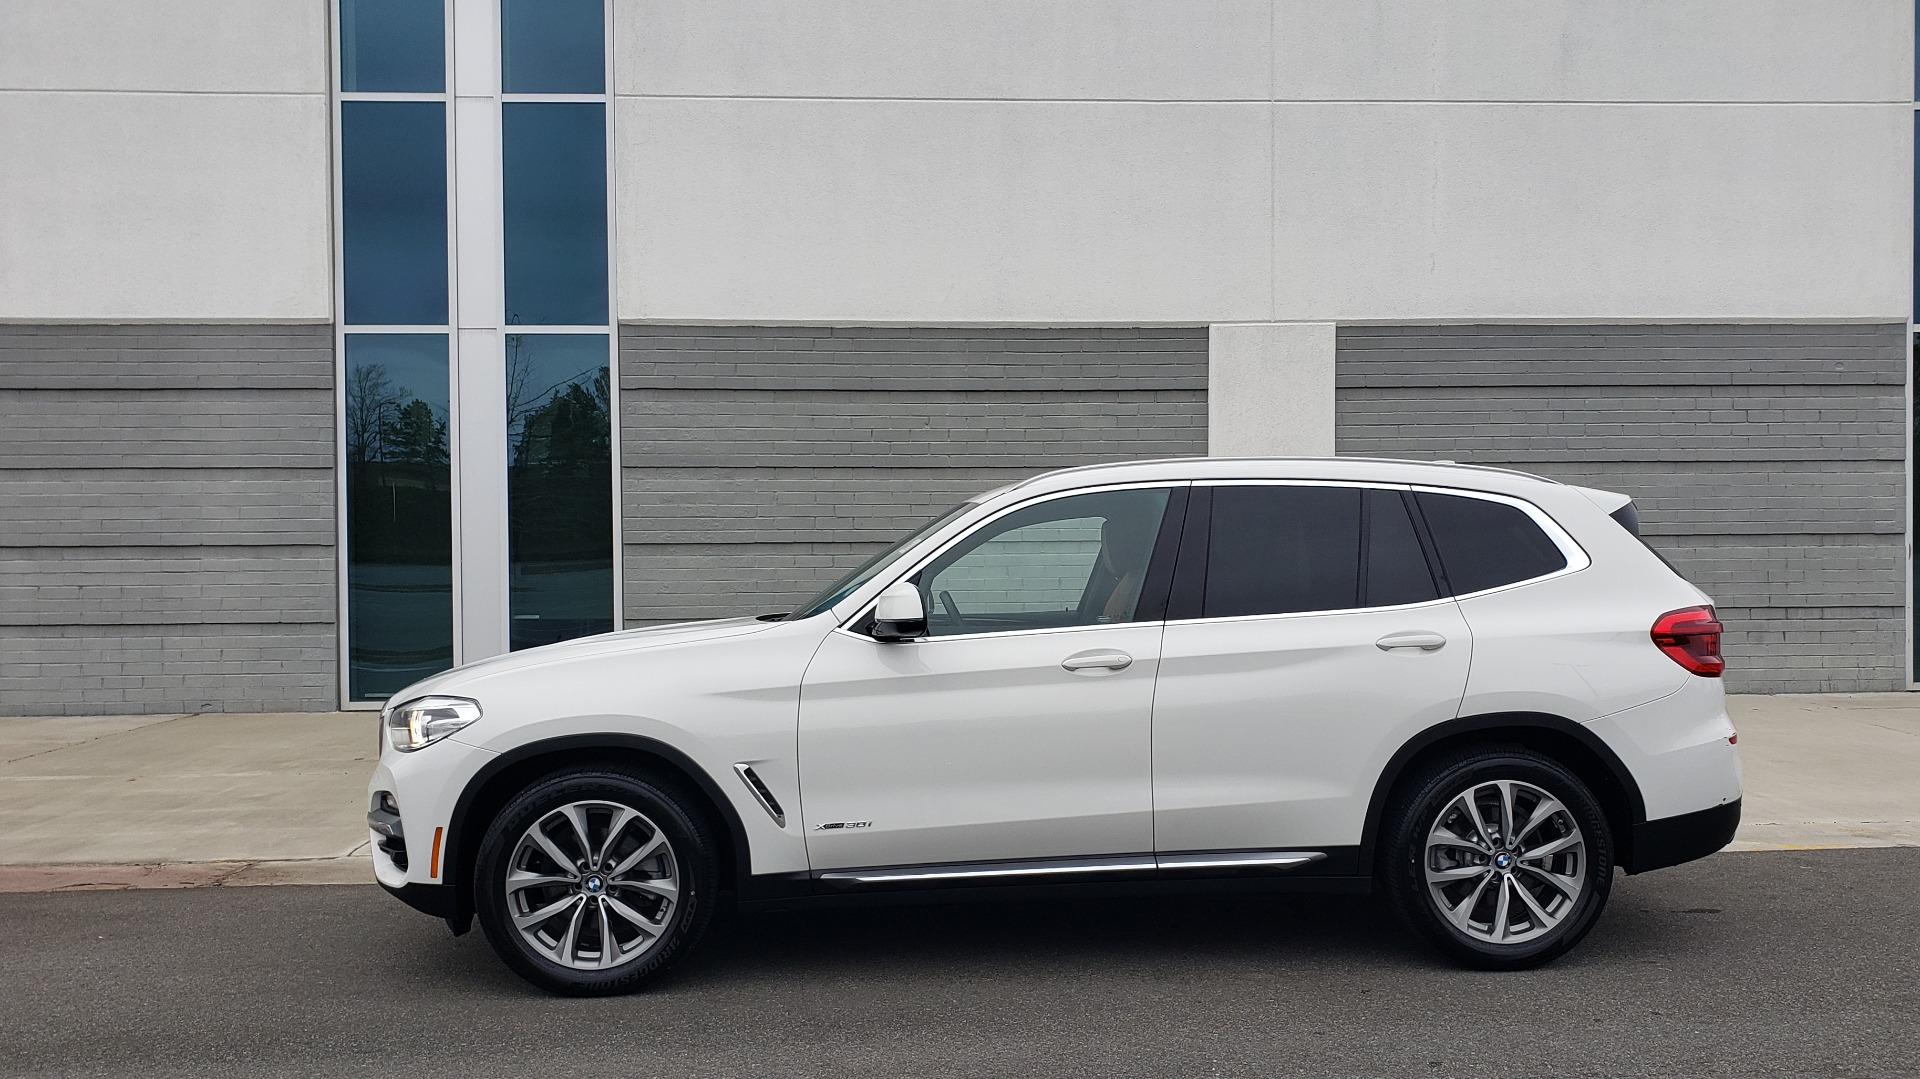 Used 2018 BMW X3 XDRIVE30I / LUX PKG / PREM PKG / CONV PKG / PDC / APPLE CARPLAY for sale Sold at Formula Imports in Charlotte NC 28227 4